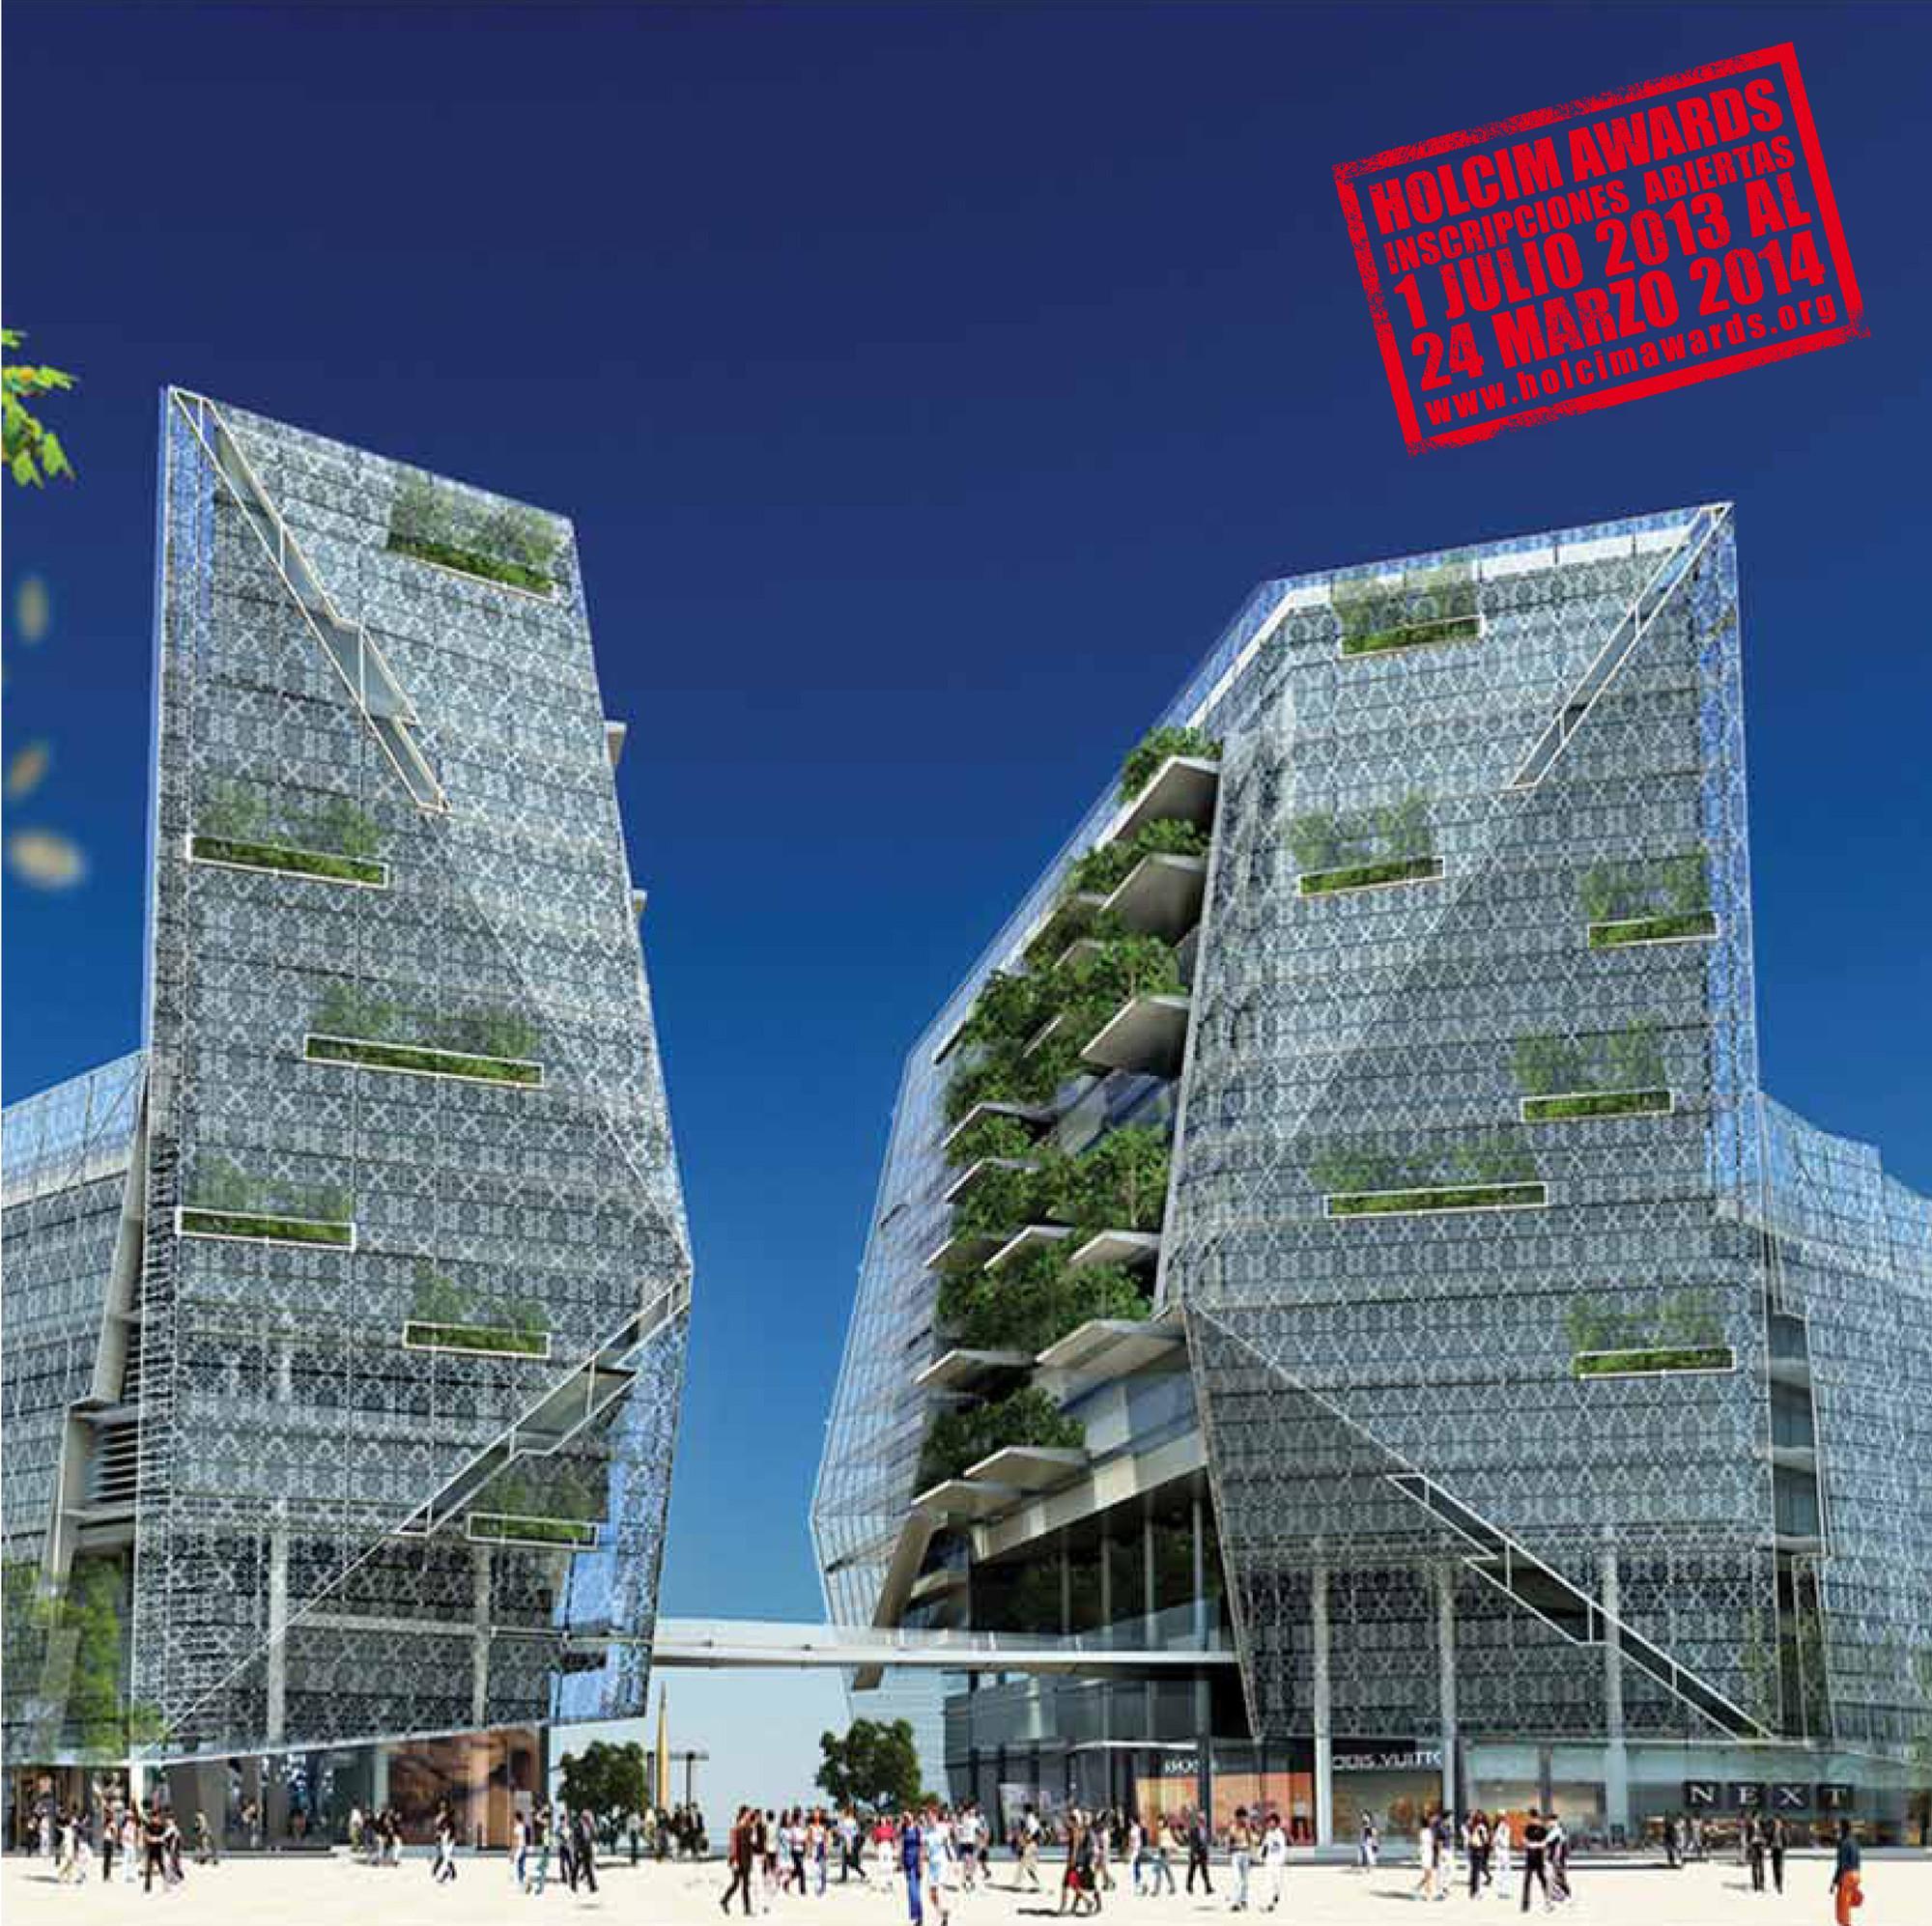 Holcim Awards: proyectos innovativos y contribuciones a un entorno construido de forma más sostenible, Proyecto finalista de los Global Holcim Awards 2012. Image Courtesy of Holcim Awards